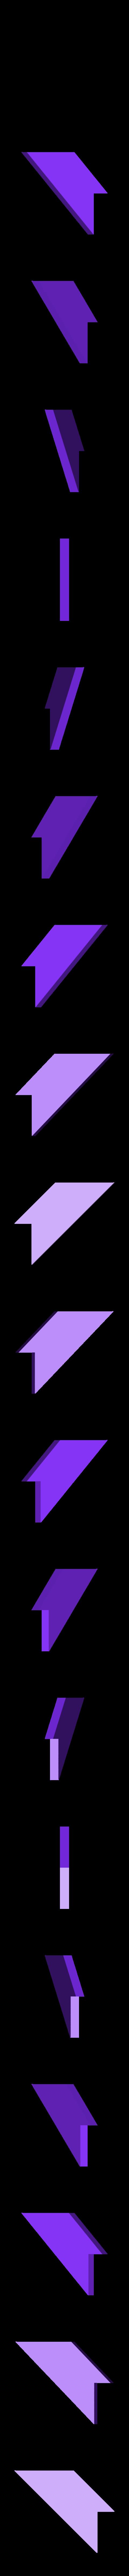 """iqPuzzle_T_3.STL Télécharger fichier STL gratuit Puzzle Assemblez une lettre """"T"""" de 4 pièces • Objet pour impression 3D, Cerega"""